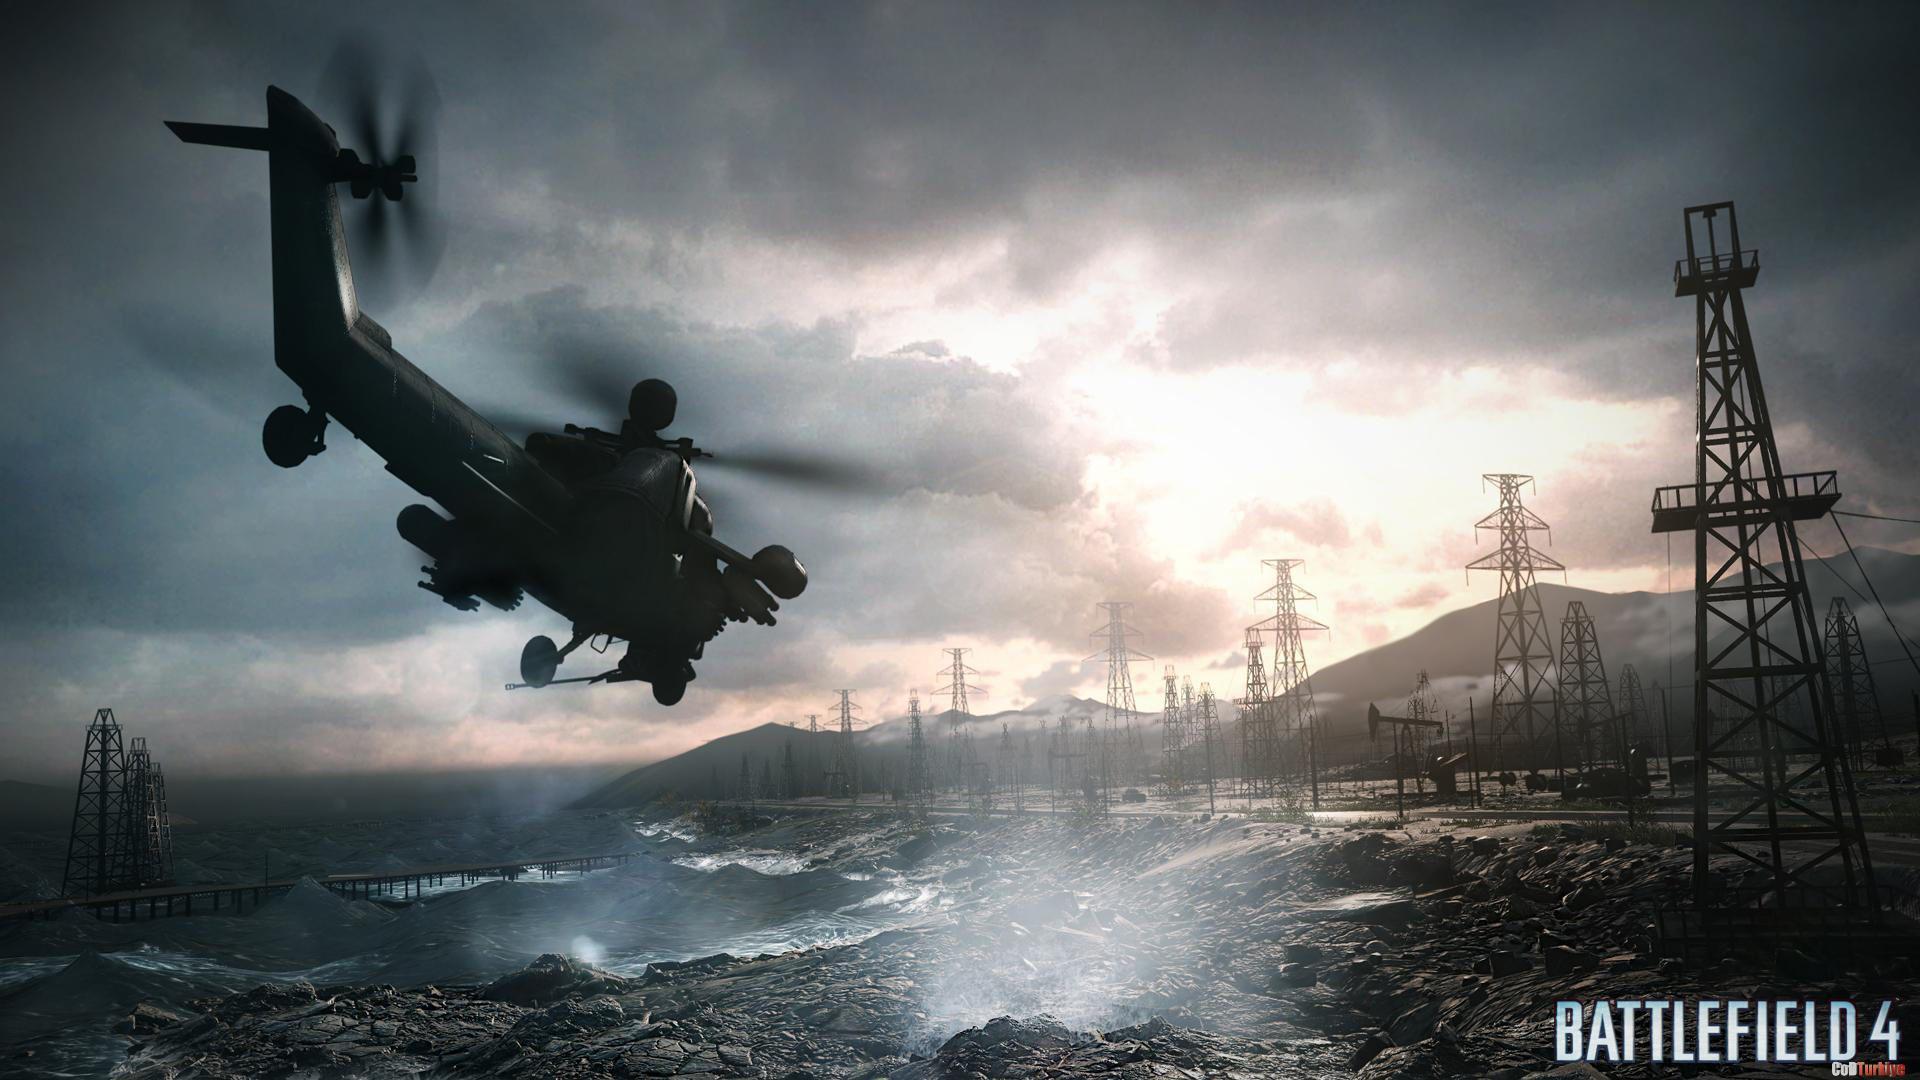 Battlefield 4 Wallpapers Chopper Sea